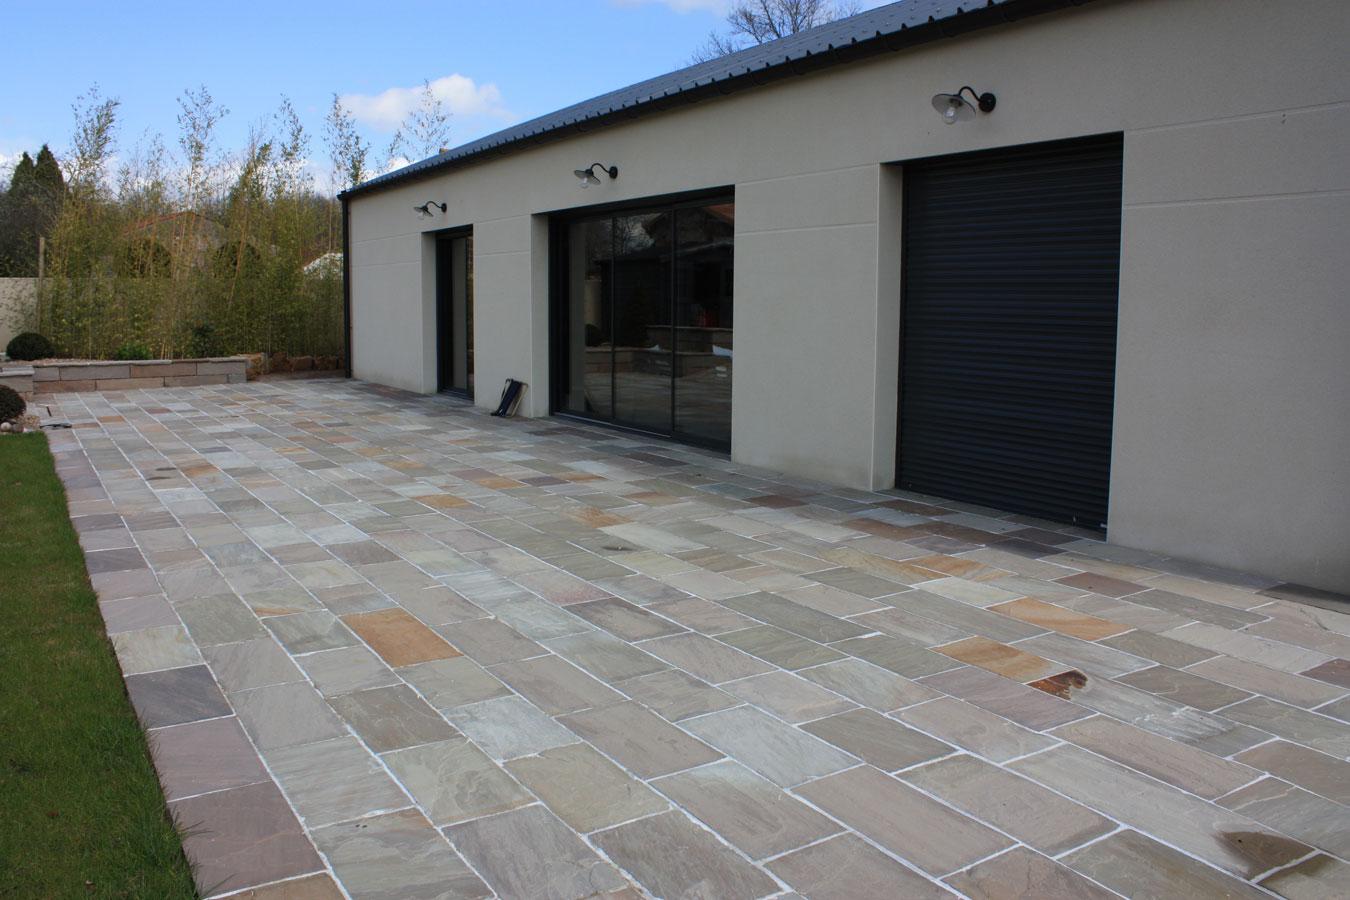 Dalles de terrasse gr s kandla brun - Pintura para suelos de gres ...